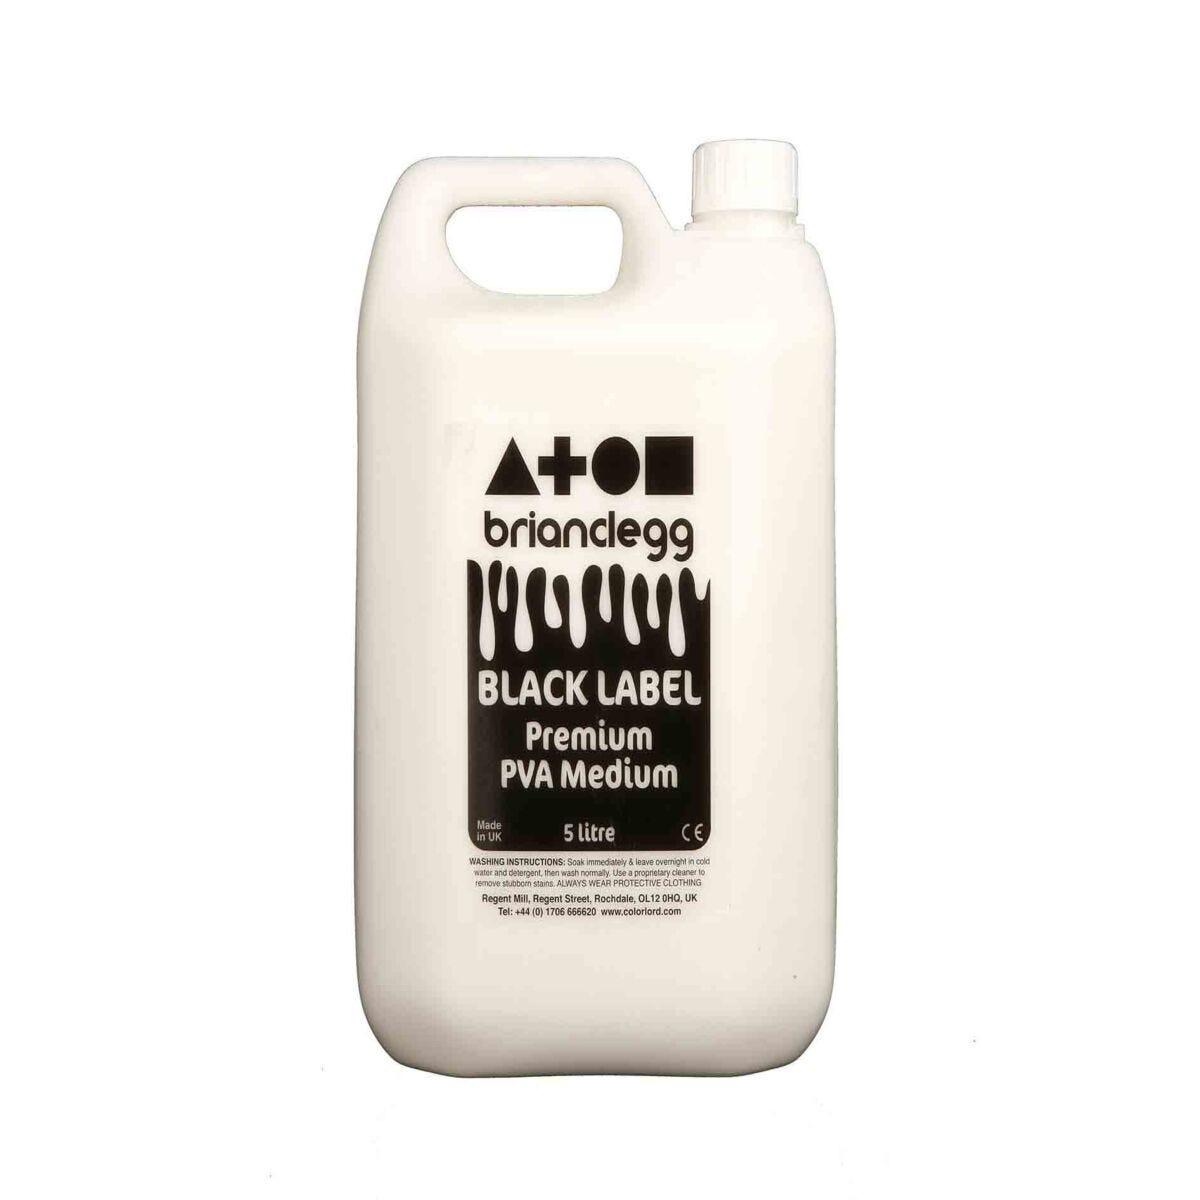 Black Label Premium PVA Medium Glue 5L Bottle